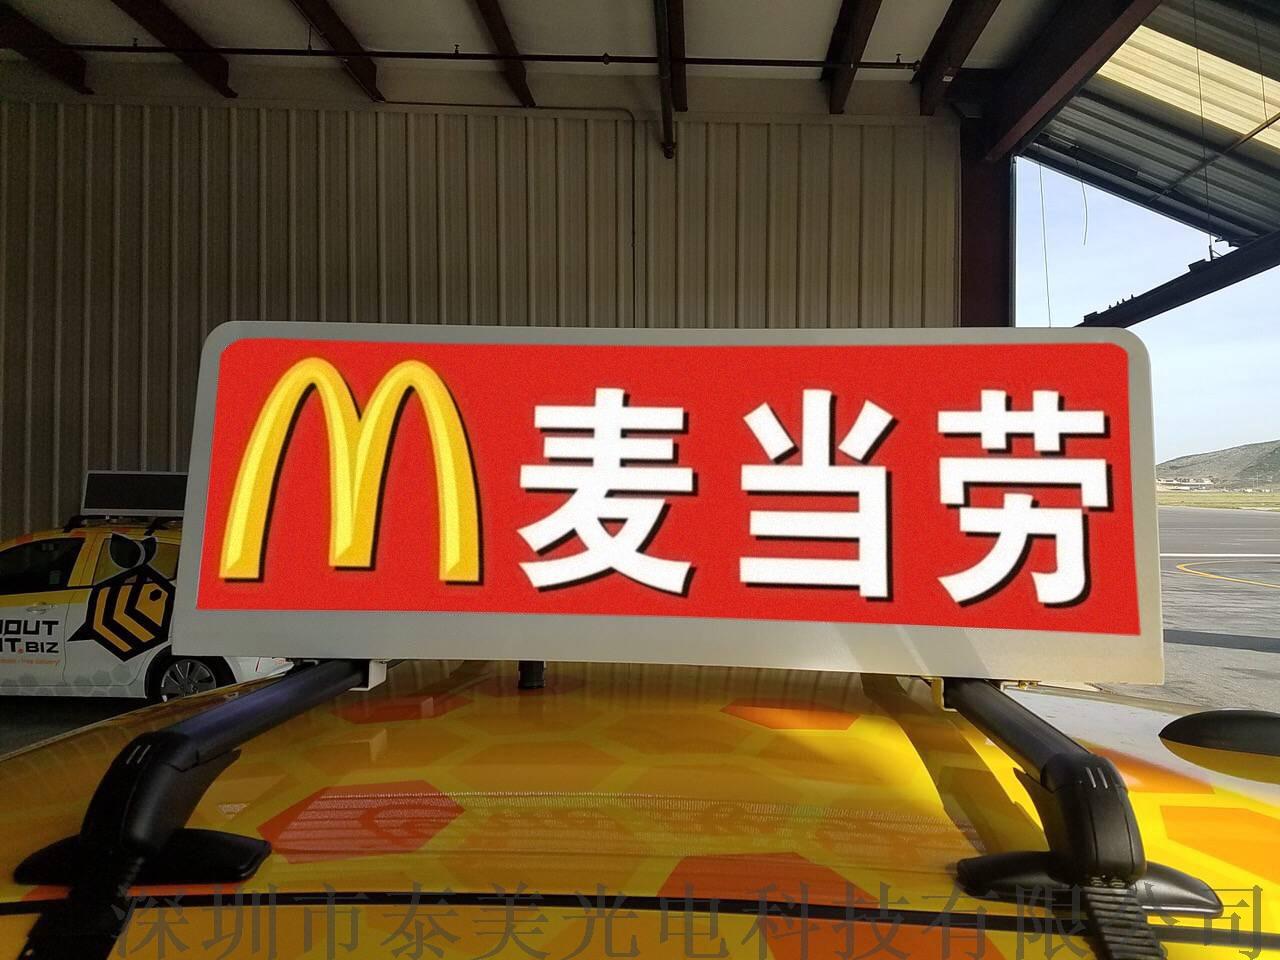 高清的士车顶屏 车顶防水广告屏 车载LED显示屏791795925